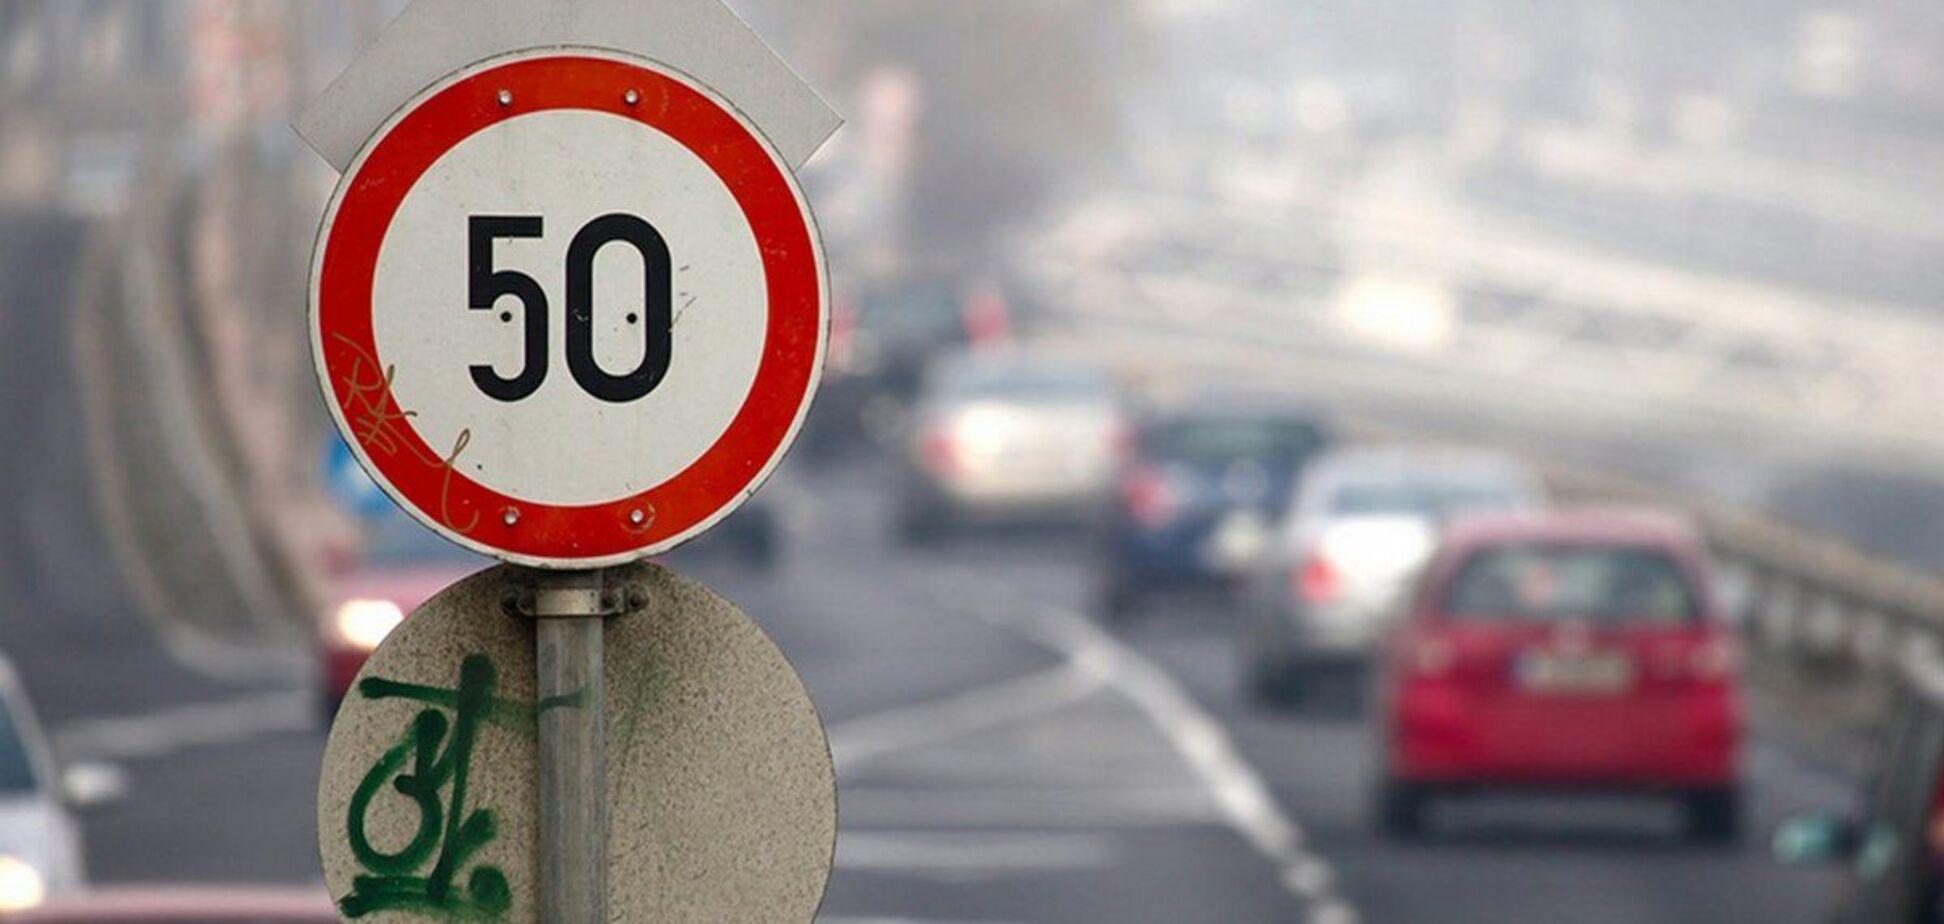 В Киеве ограничат скорость до 50 км/ч